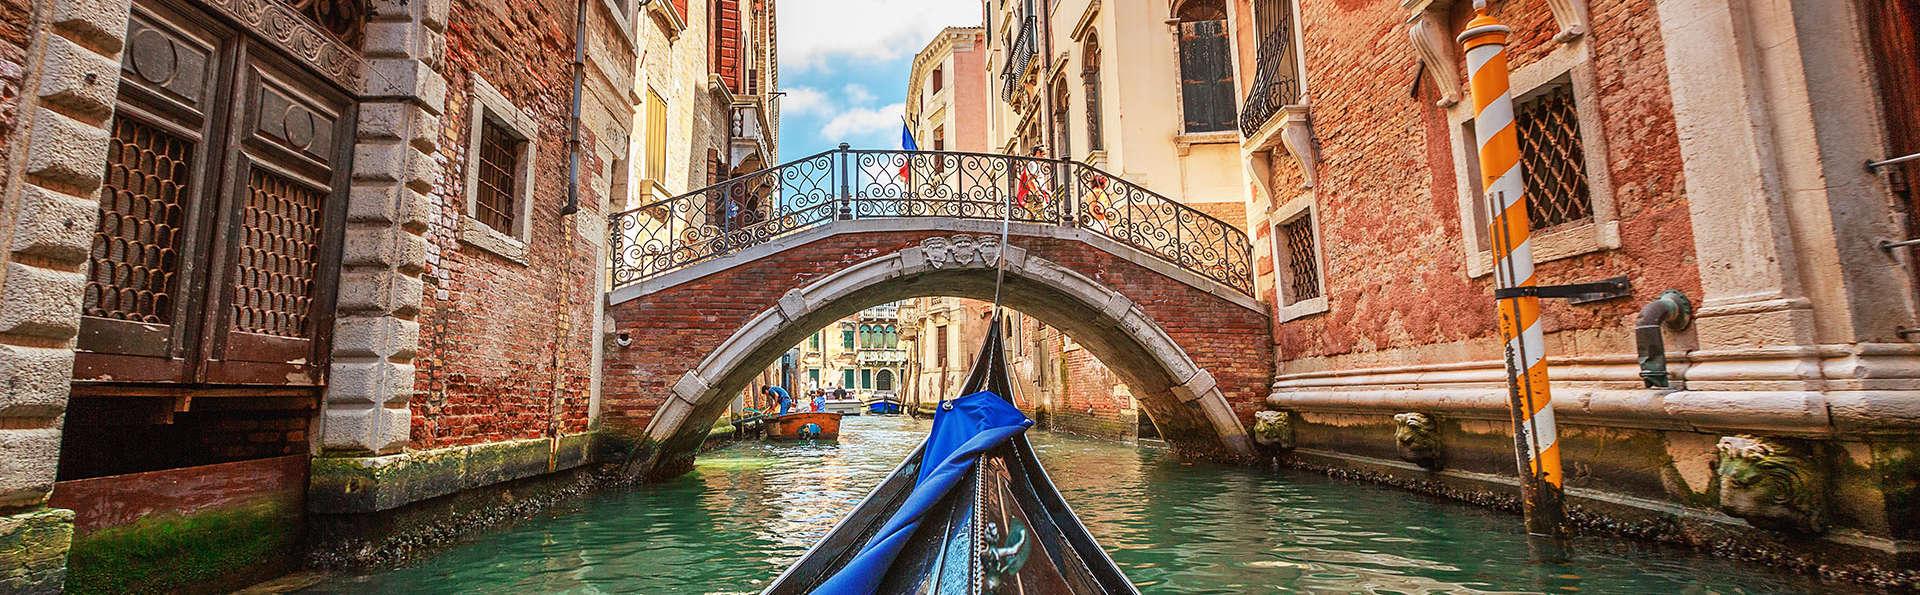 Séjournez à Venise près du Grand Canal dans un hôtel élégant